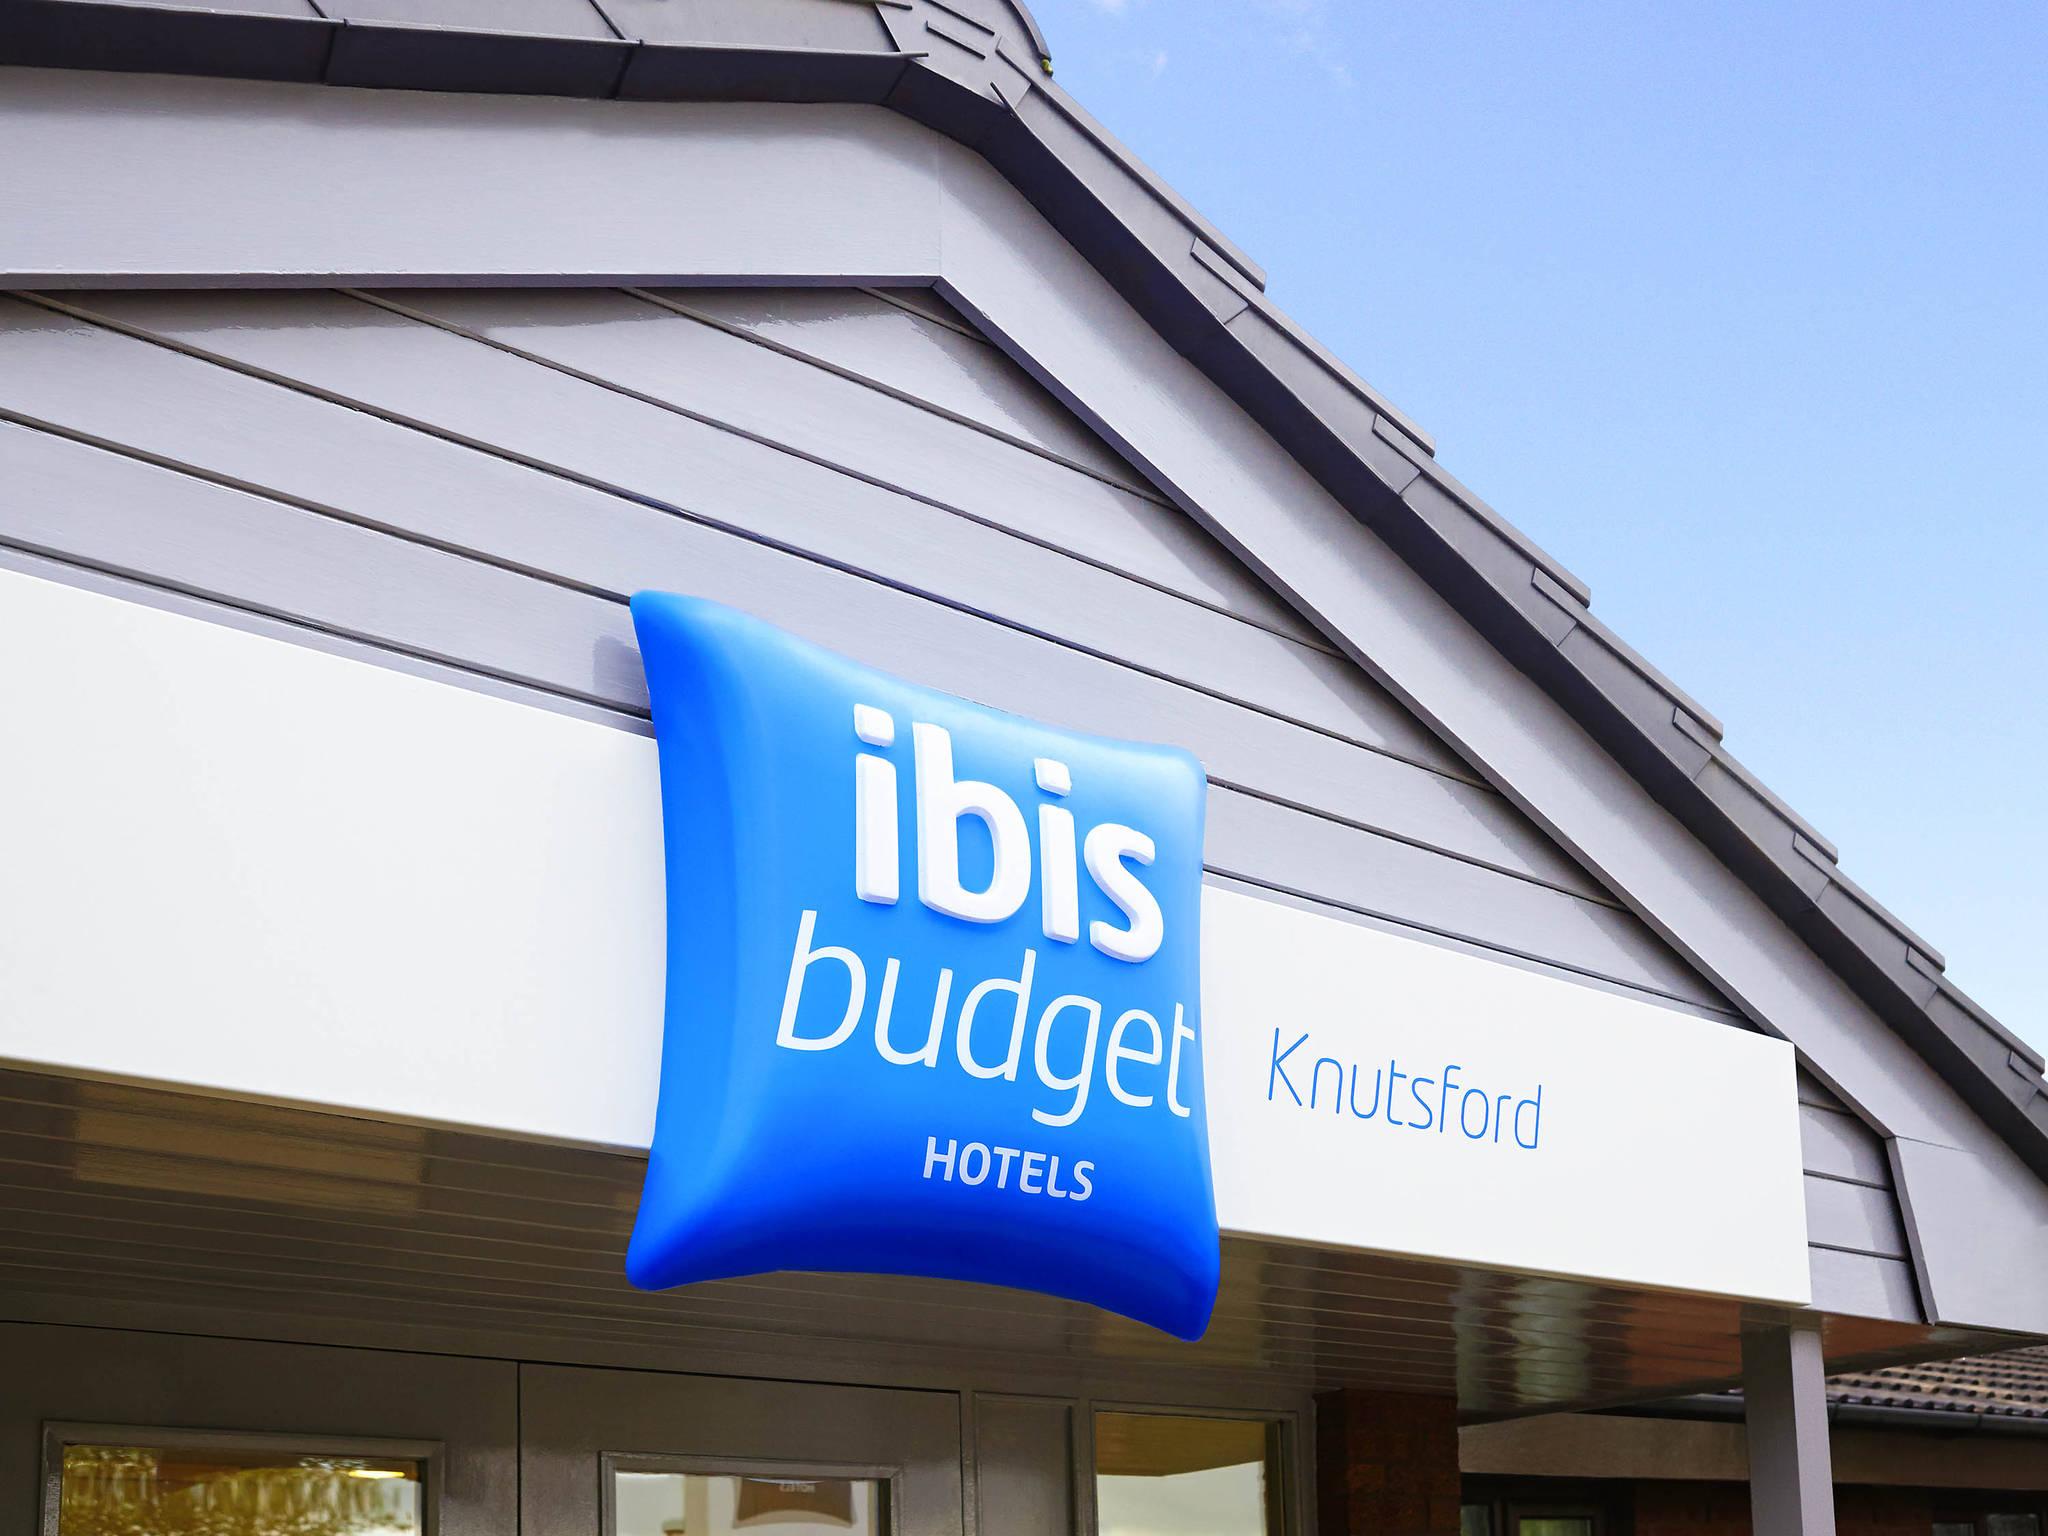 Hotel – ibis budget Knutsford